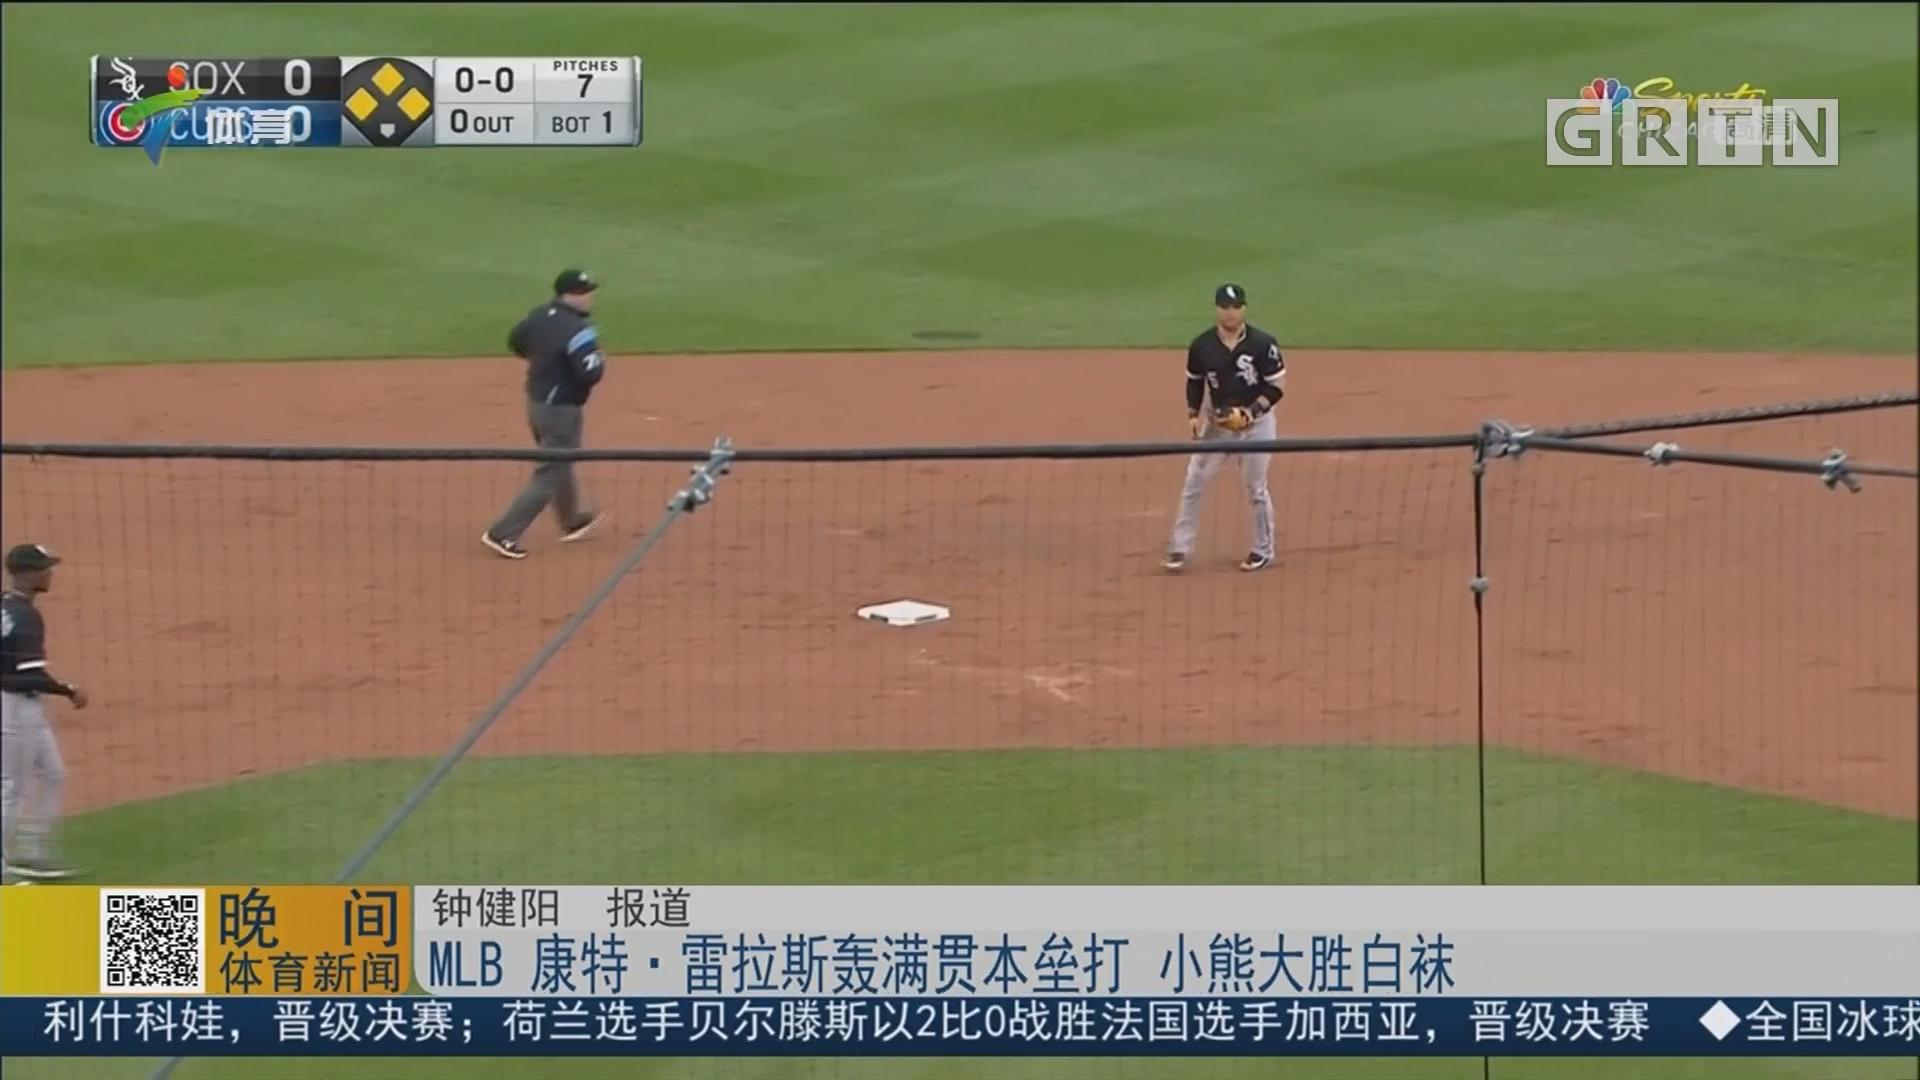 MLB 康特▪雷拉斯轰满贯本垒打 小熊大胜白袜